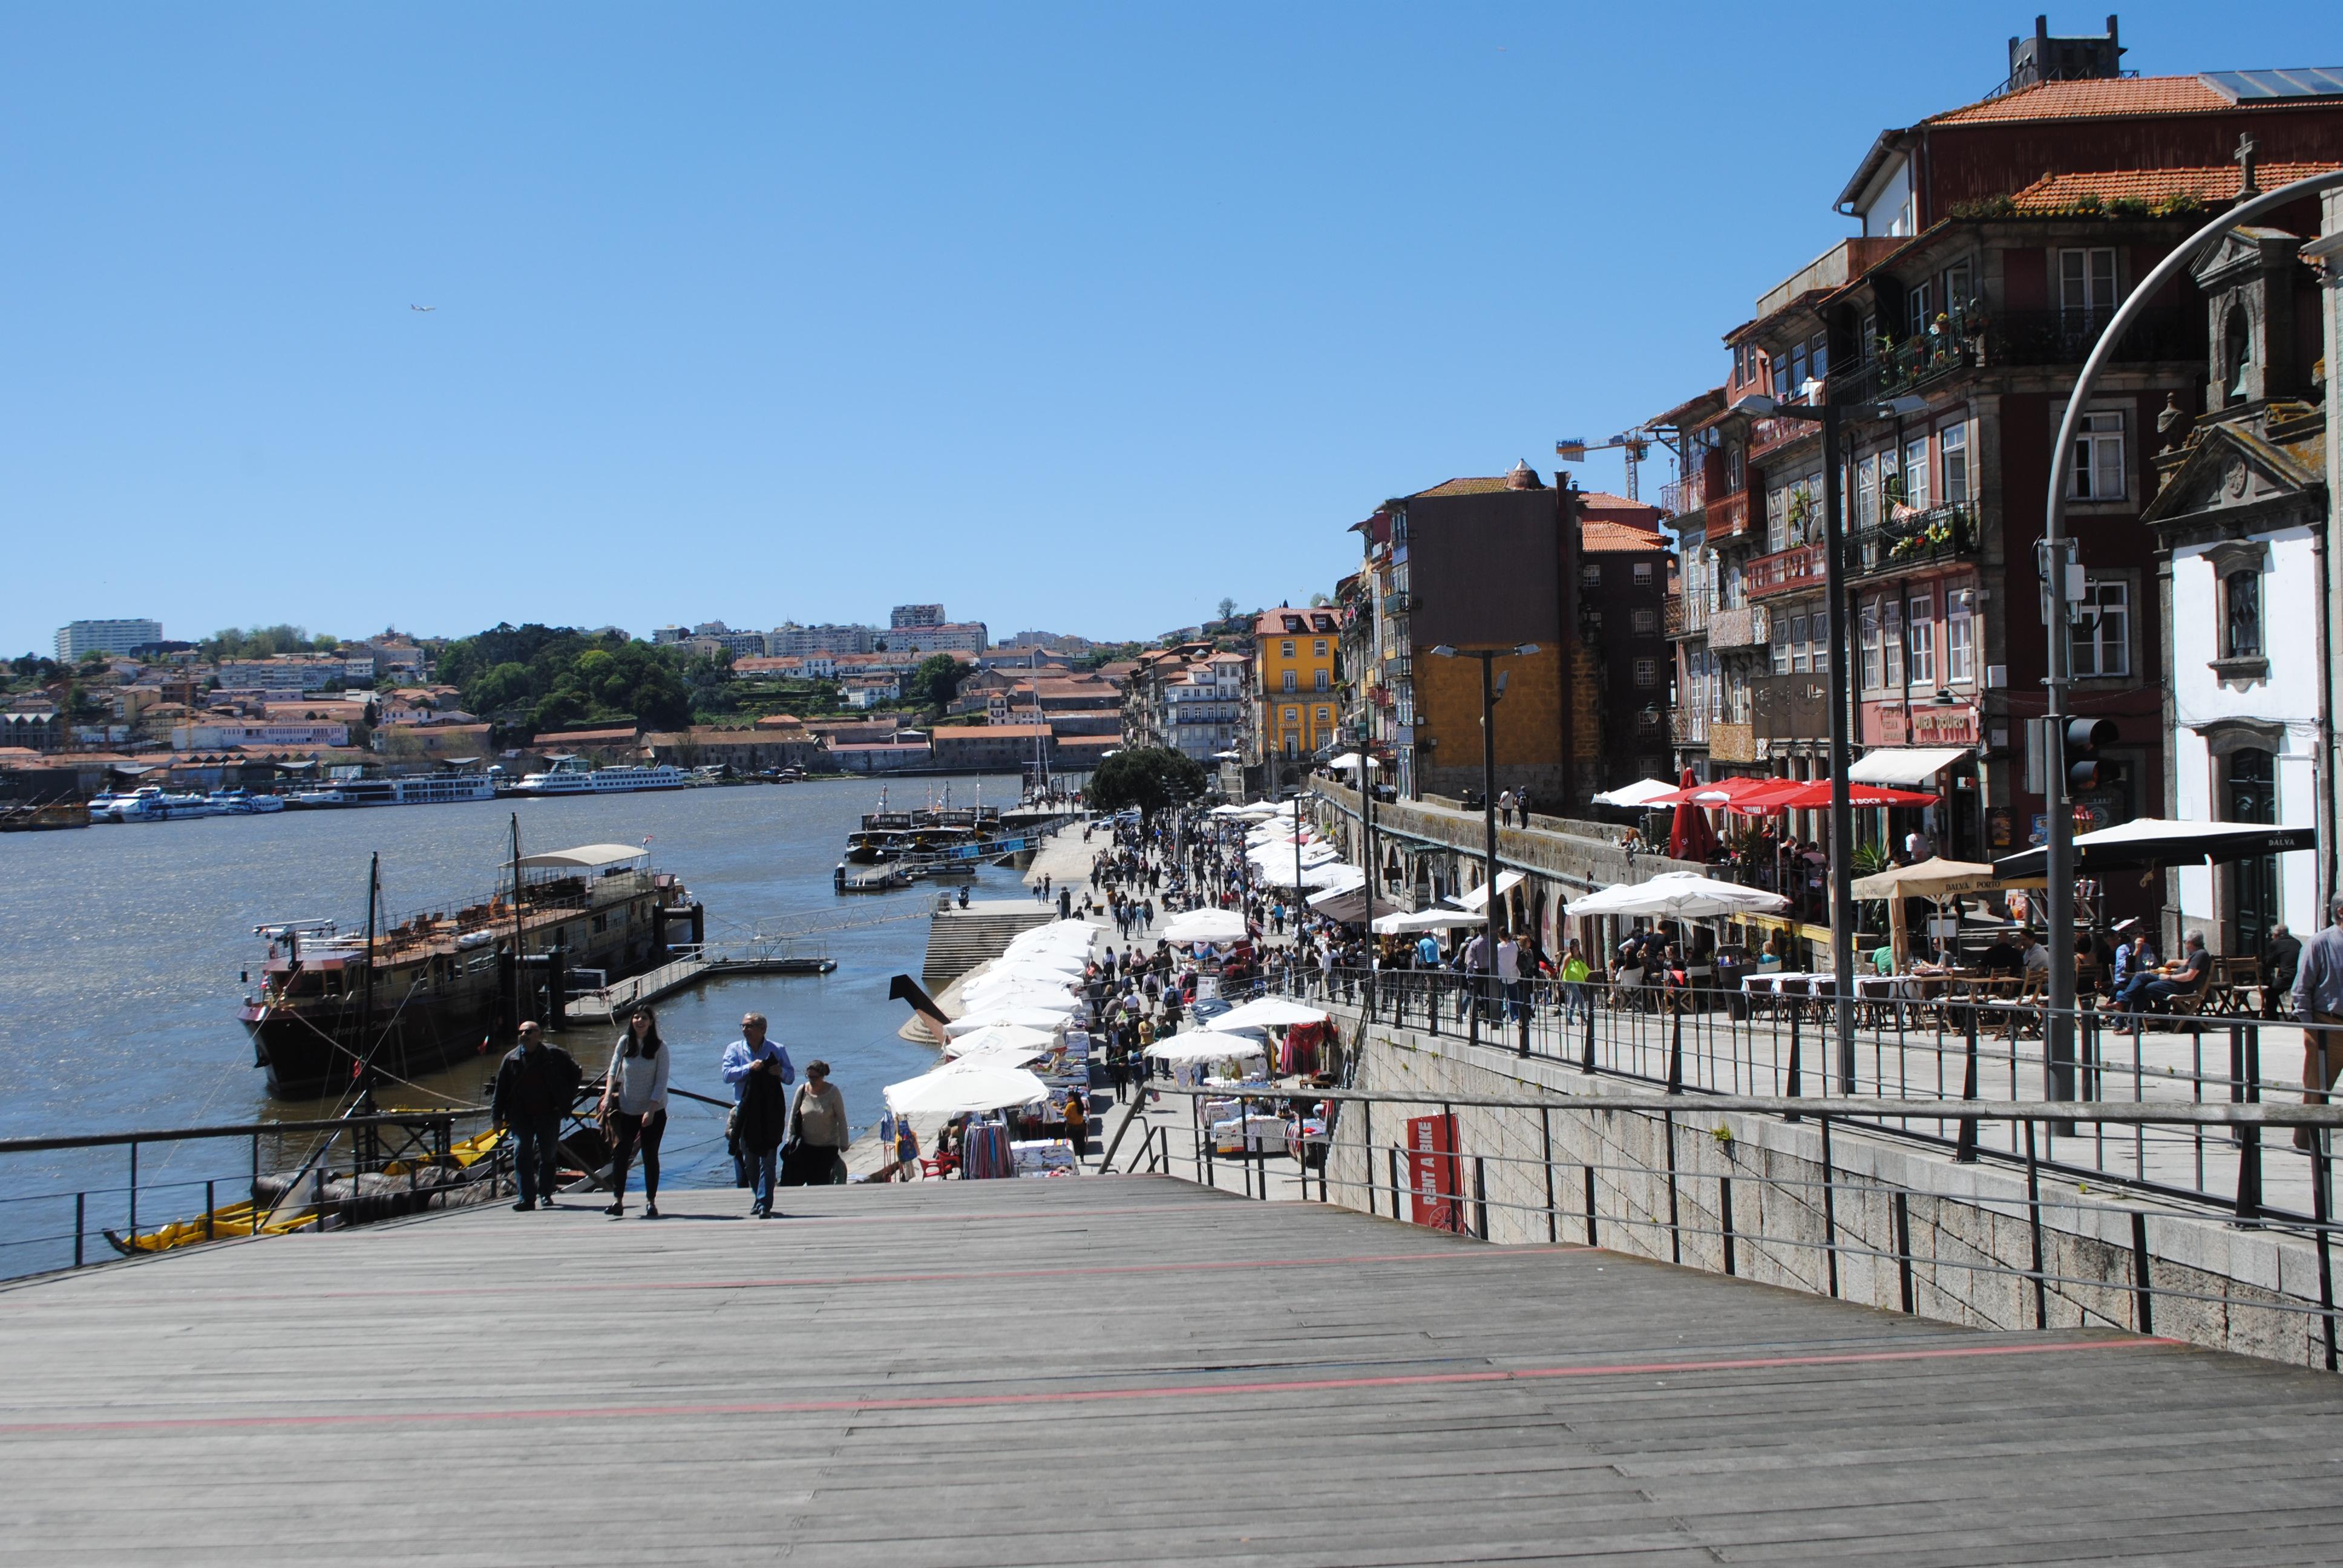 PORTUGALIA - LATO 2018: Moove Hotel Porto Norte**, 4 dni (23-26.06.2018 r.), śniadania: 998,00 PLN/osoba